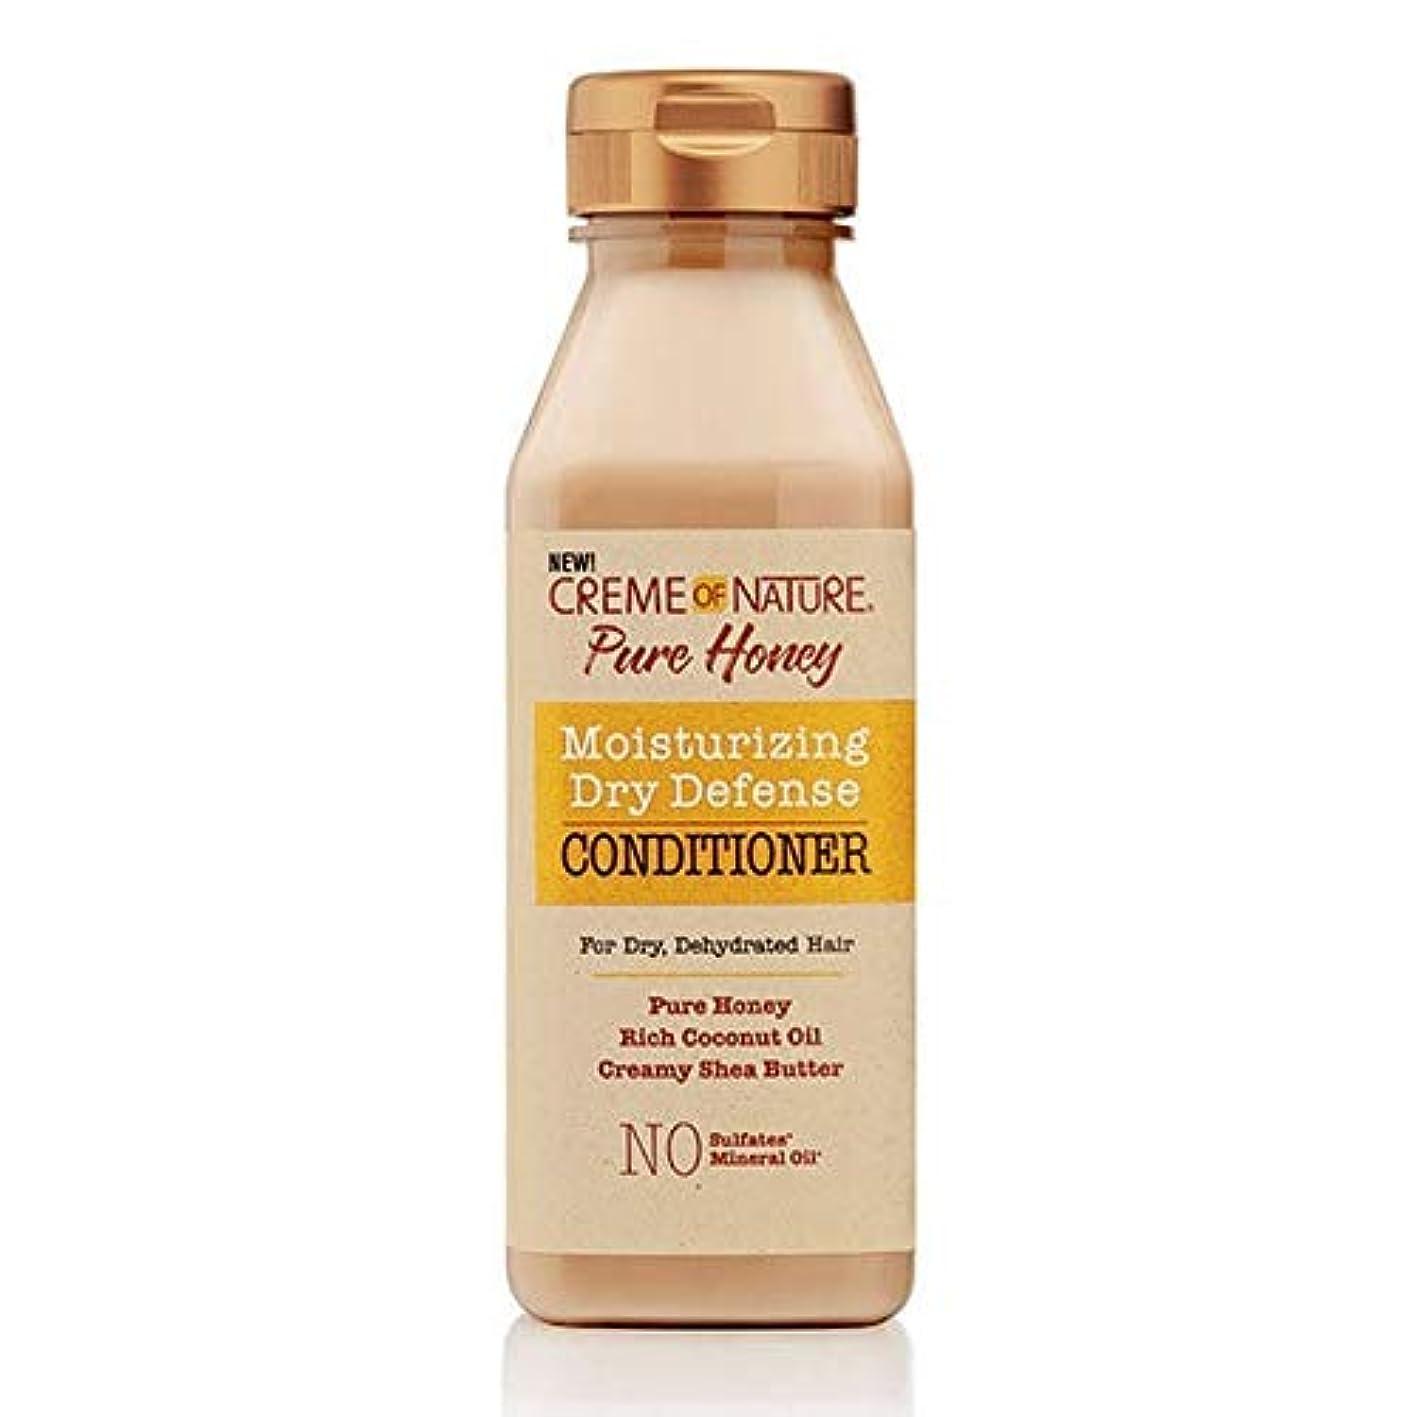 クリーク準備したごちそう[Creme of Nature ] 自然の純粋蜂蜜ドライ防衛コンディショナー355ミリリットルのクリーム - Creme of Nature Pure Honey Dry Defence Conditioner 355ml [並行輸入品]